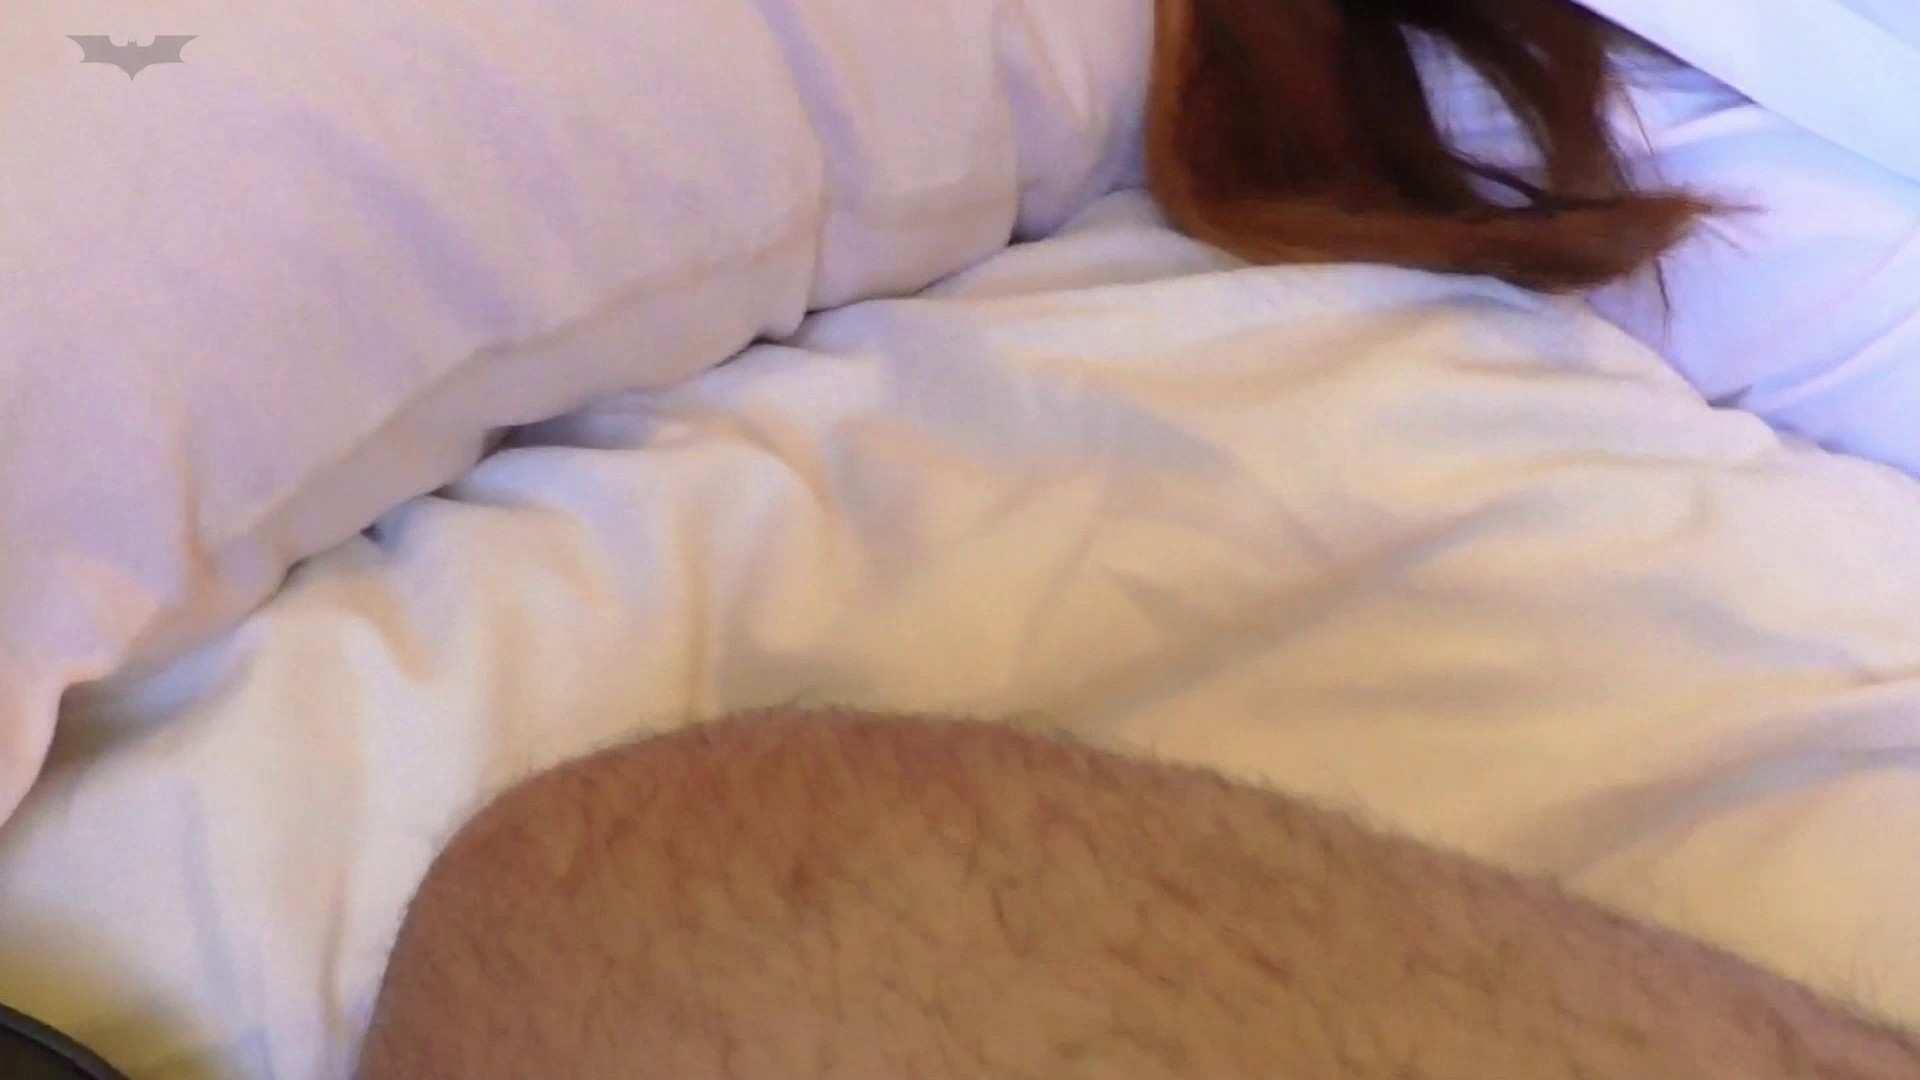 パンツを売る女 Vol.13 ノリノリのJD、そのノリでパクッ!どぴゅっと!! ラブホテル   胸チラ・のぞき  87枚 53